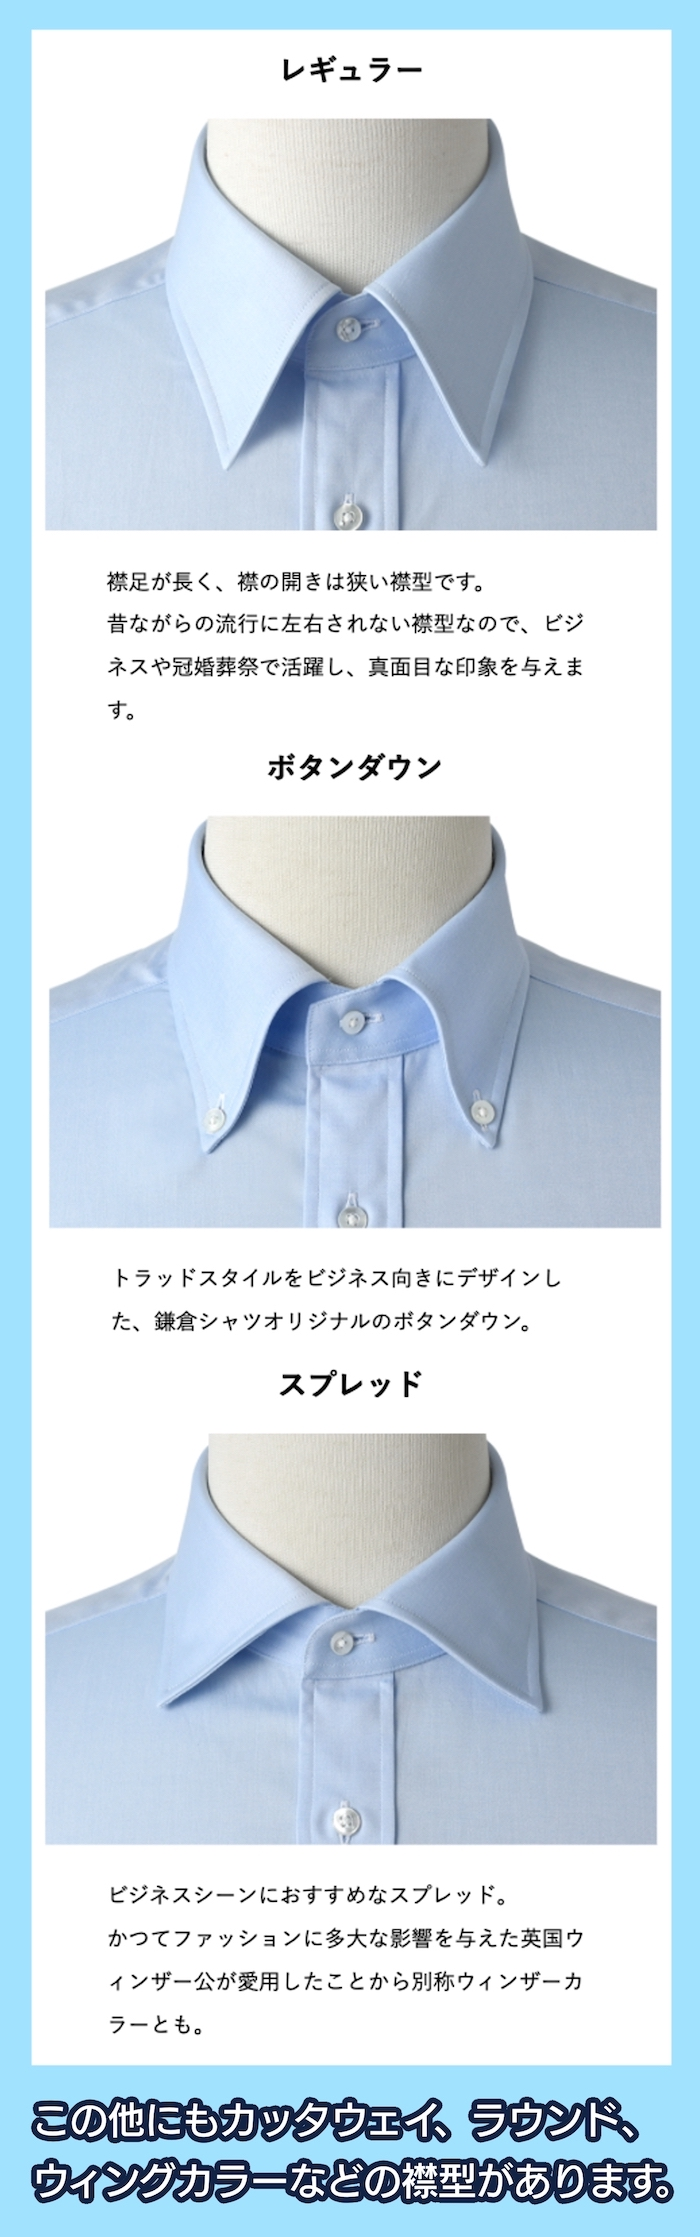 襟型の種類